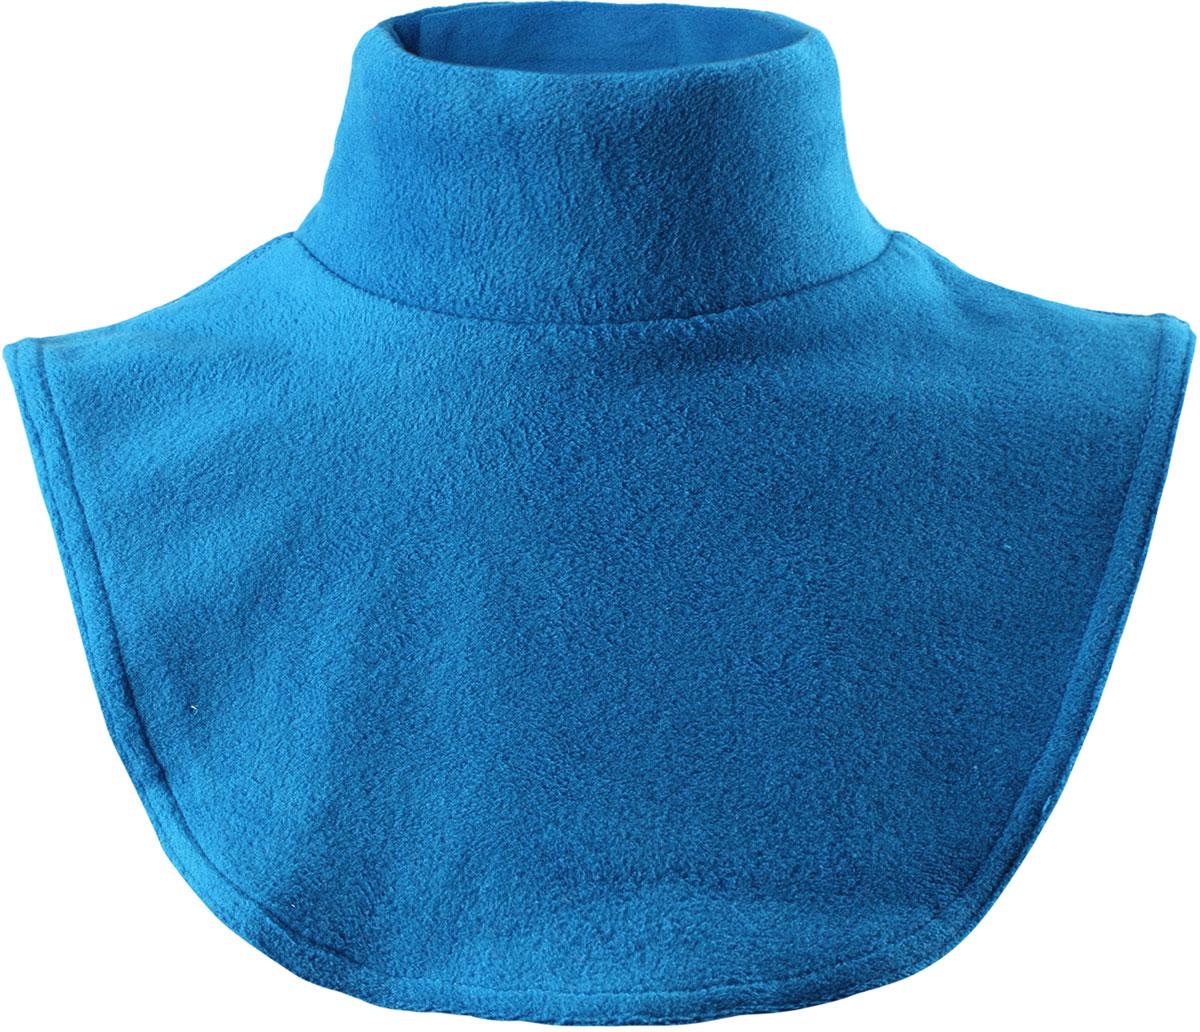 Манишка детская Lassie, цвет: синий. 7287246520. Размер 47287246520Манишка Lassie из флиса обеспечивает дополнительную защиту области шеи - в ней ребенку будет тепло во время веселых зимних прогулок. Благодаря удобной застежке на липучке изделие легко надевать и снимать и регулировать нужный размер. Идеально подходит для Облегченная модель без подкладки.